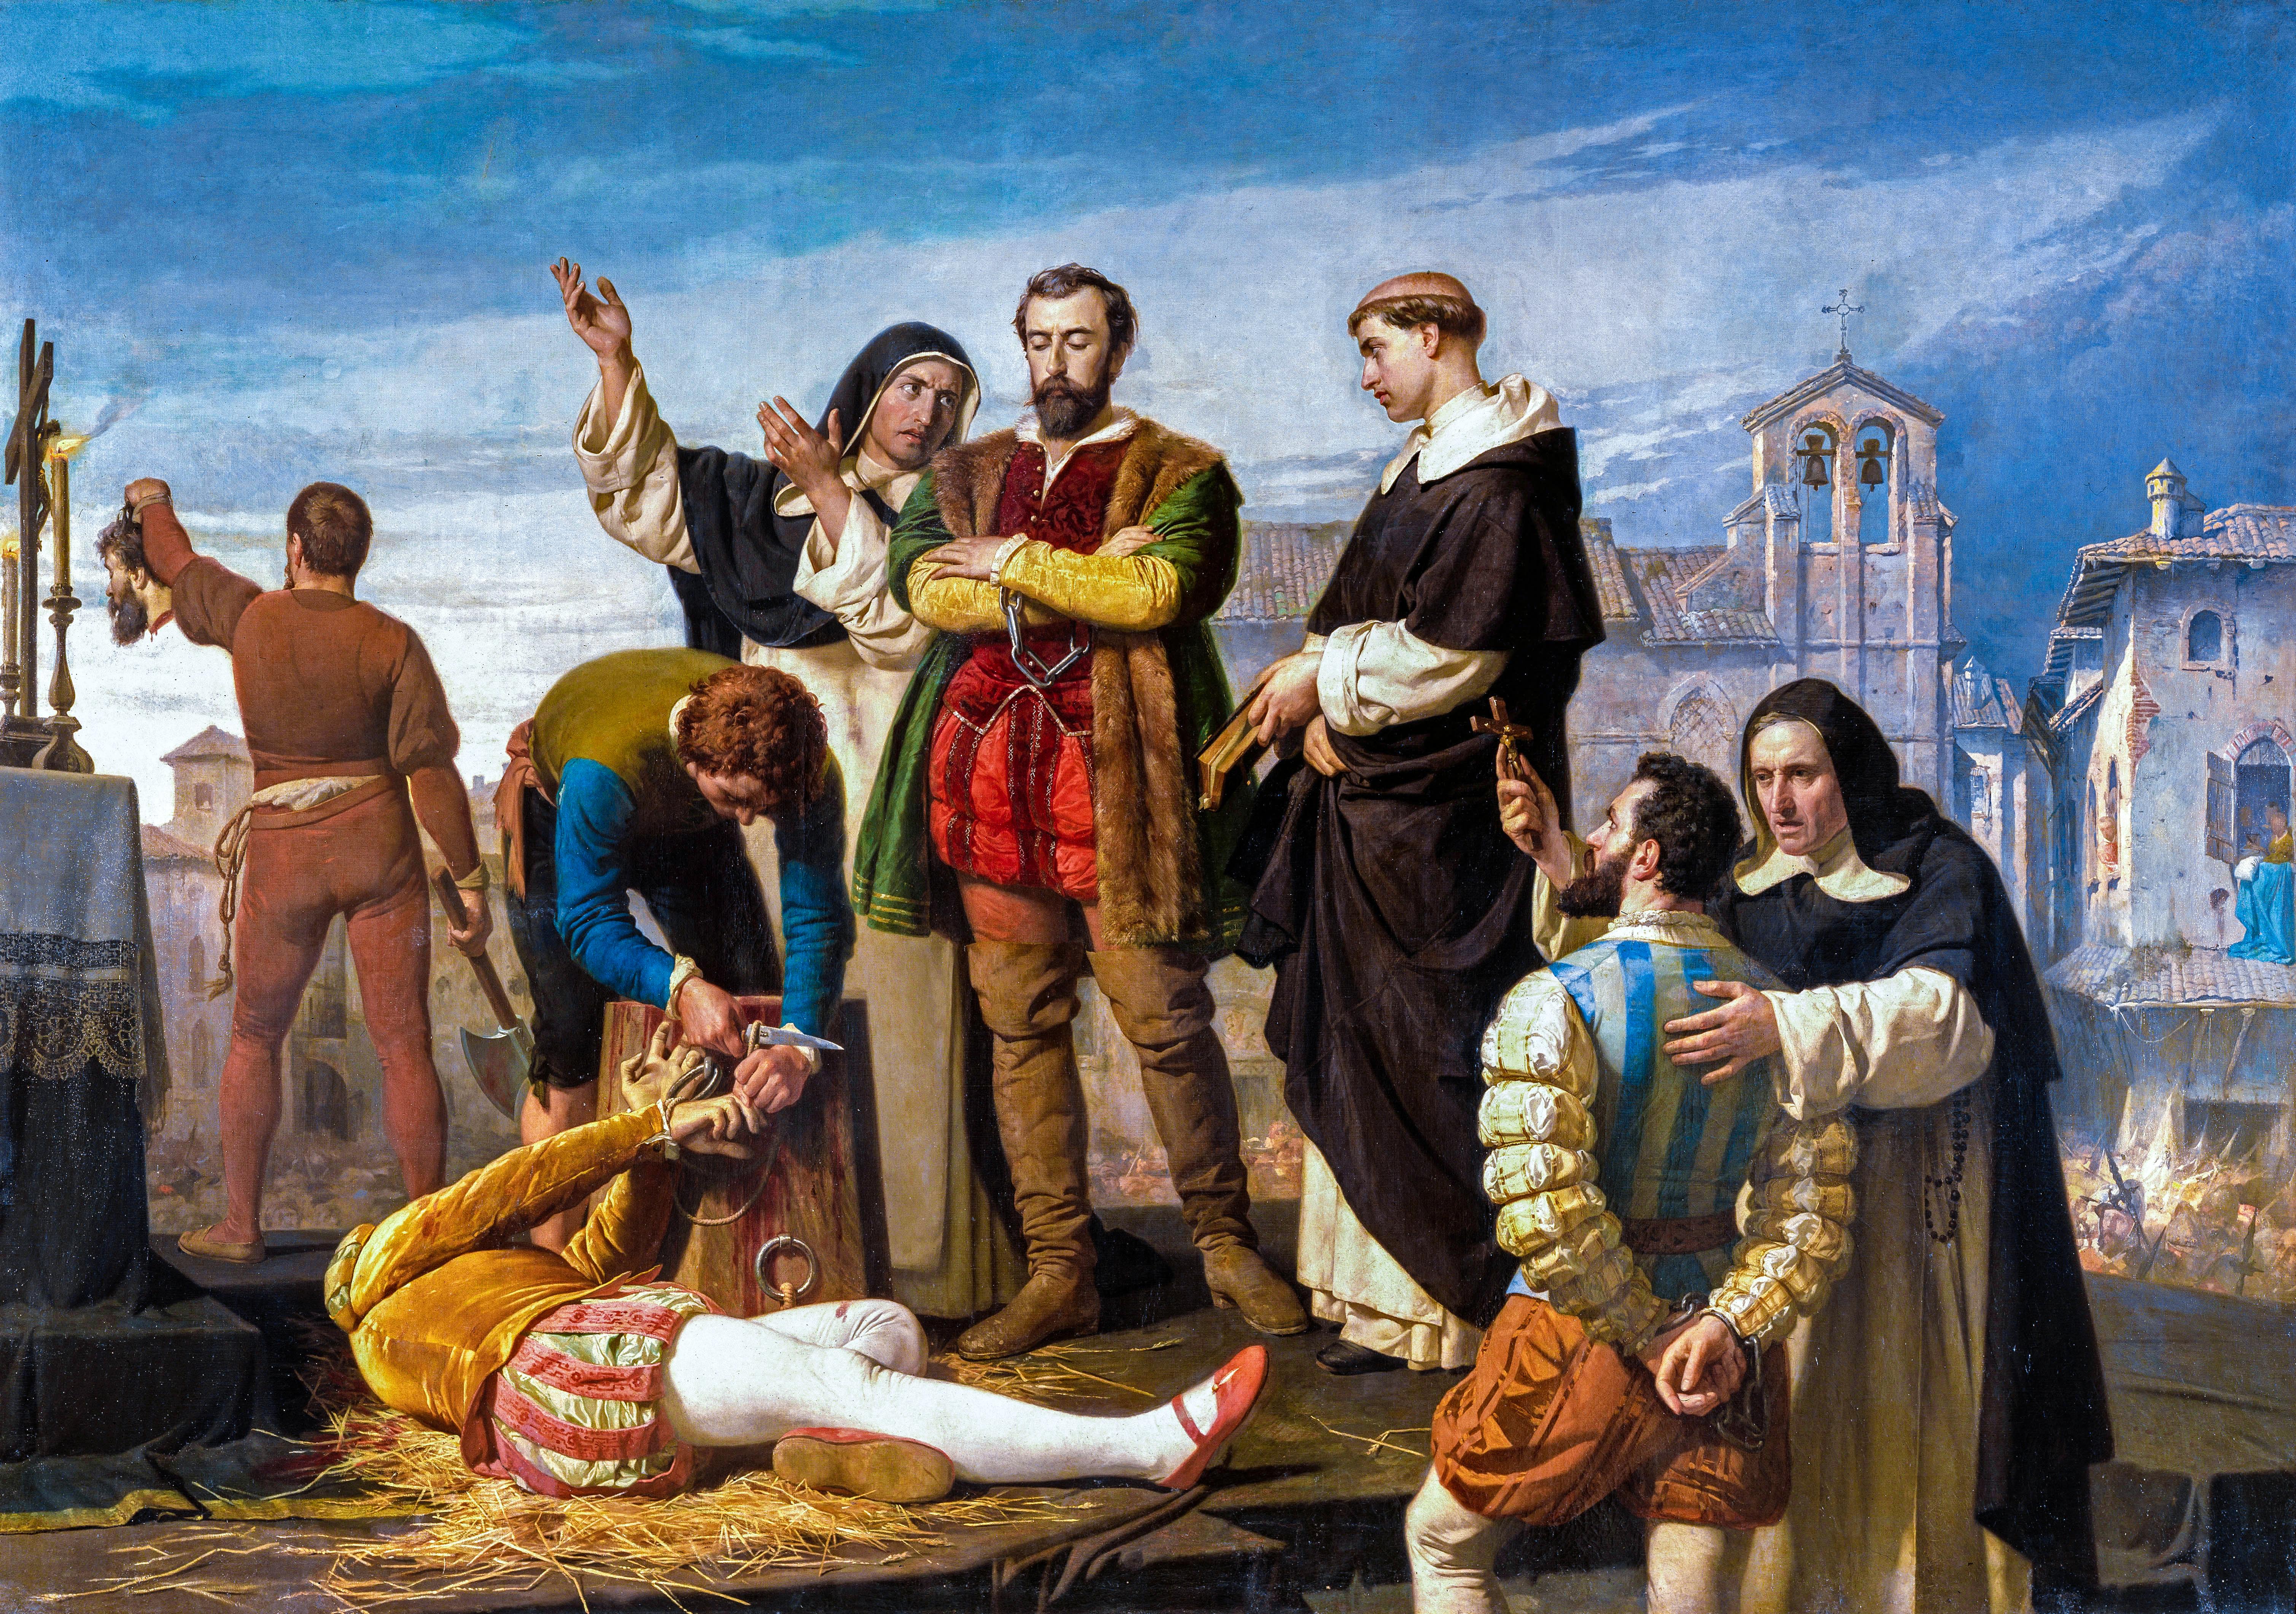 Depiction of Guerra de las Comunidades de Castilla